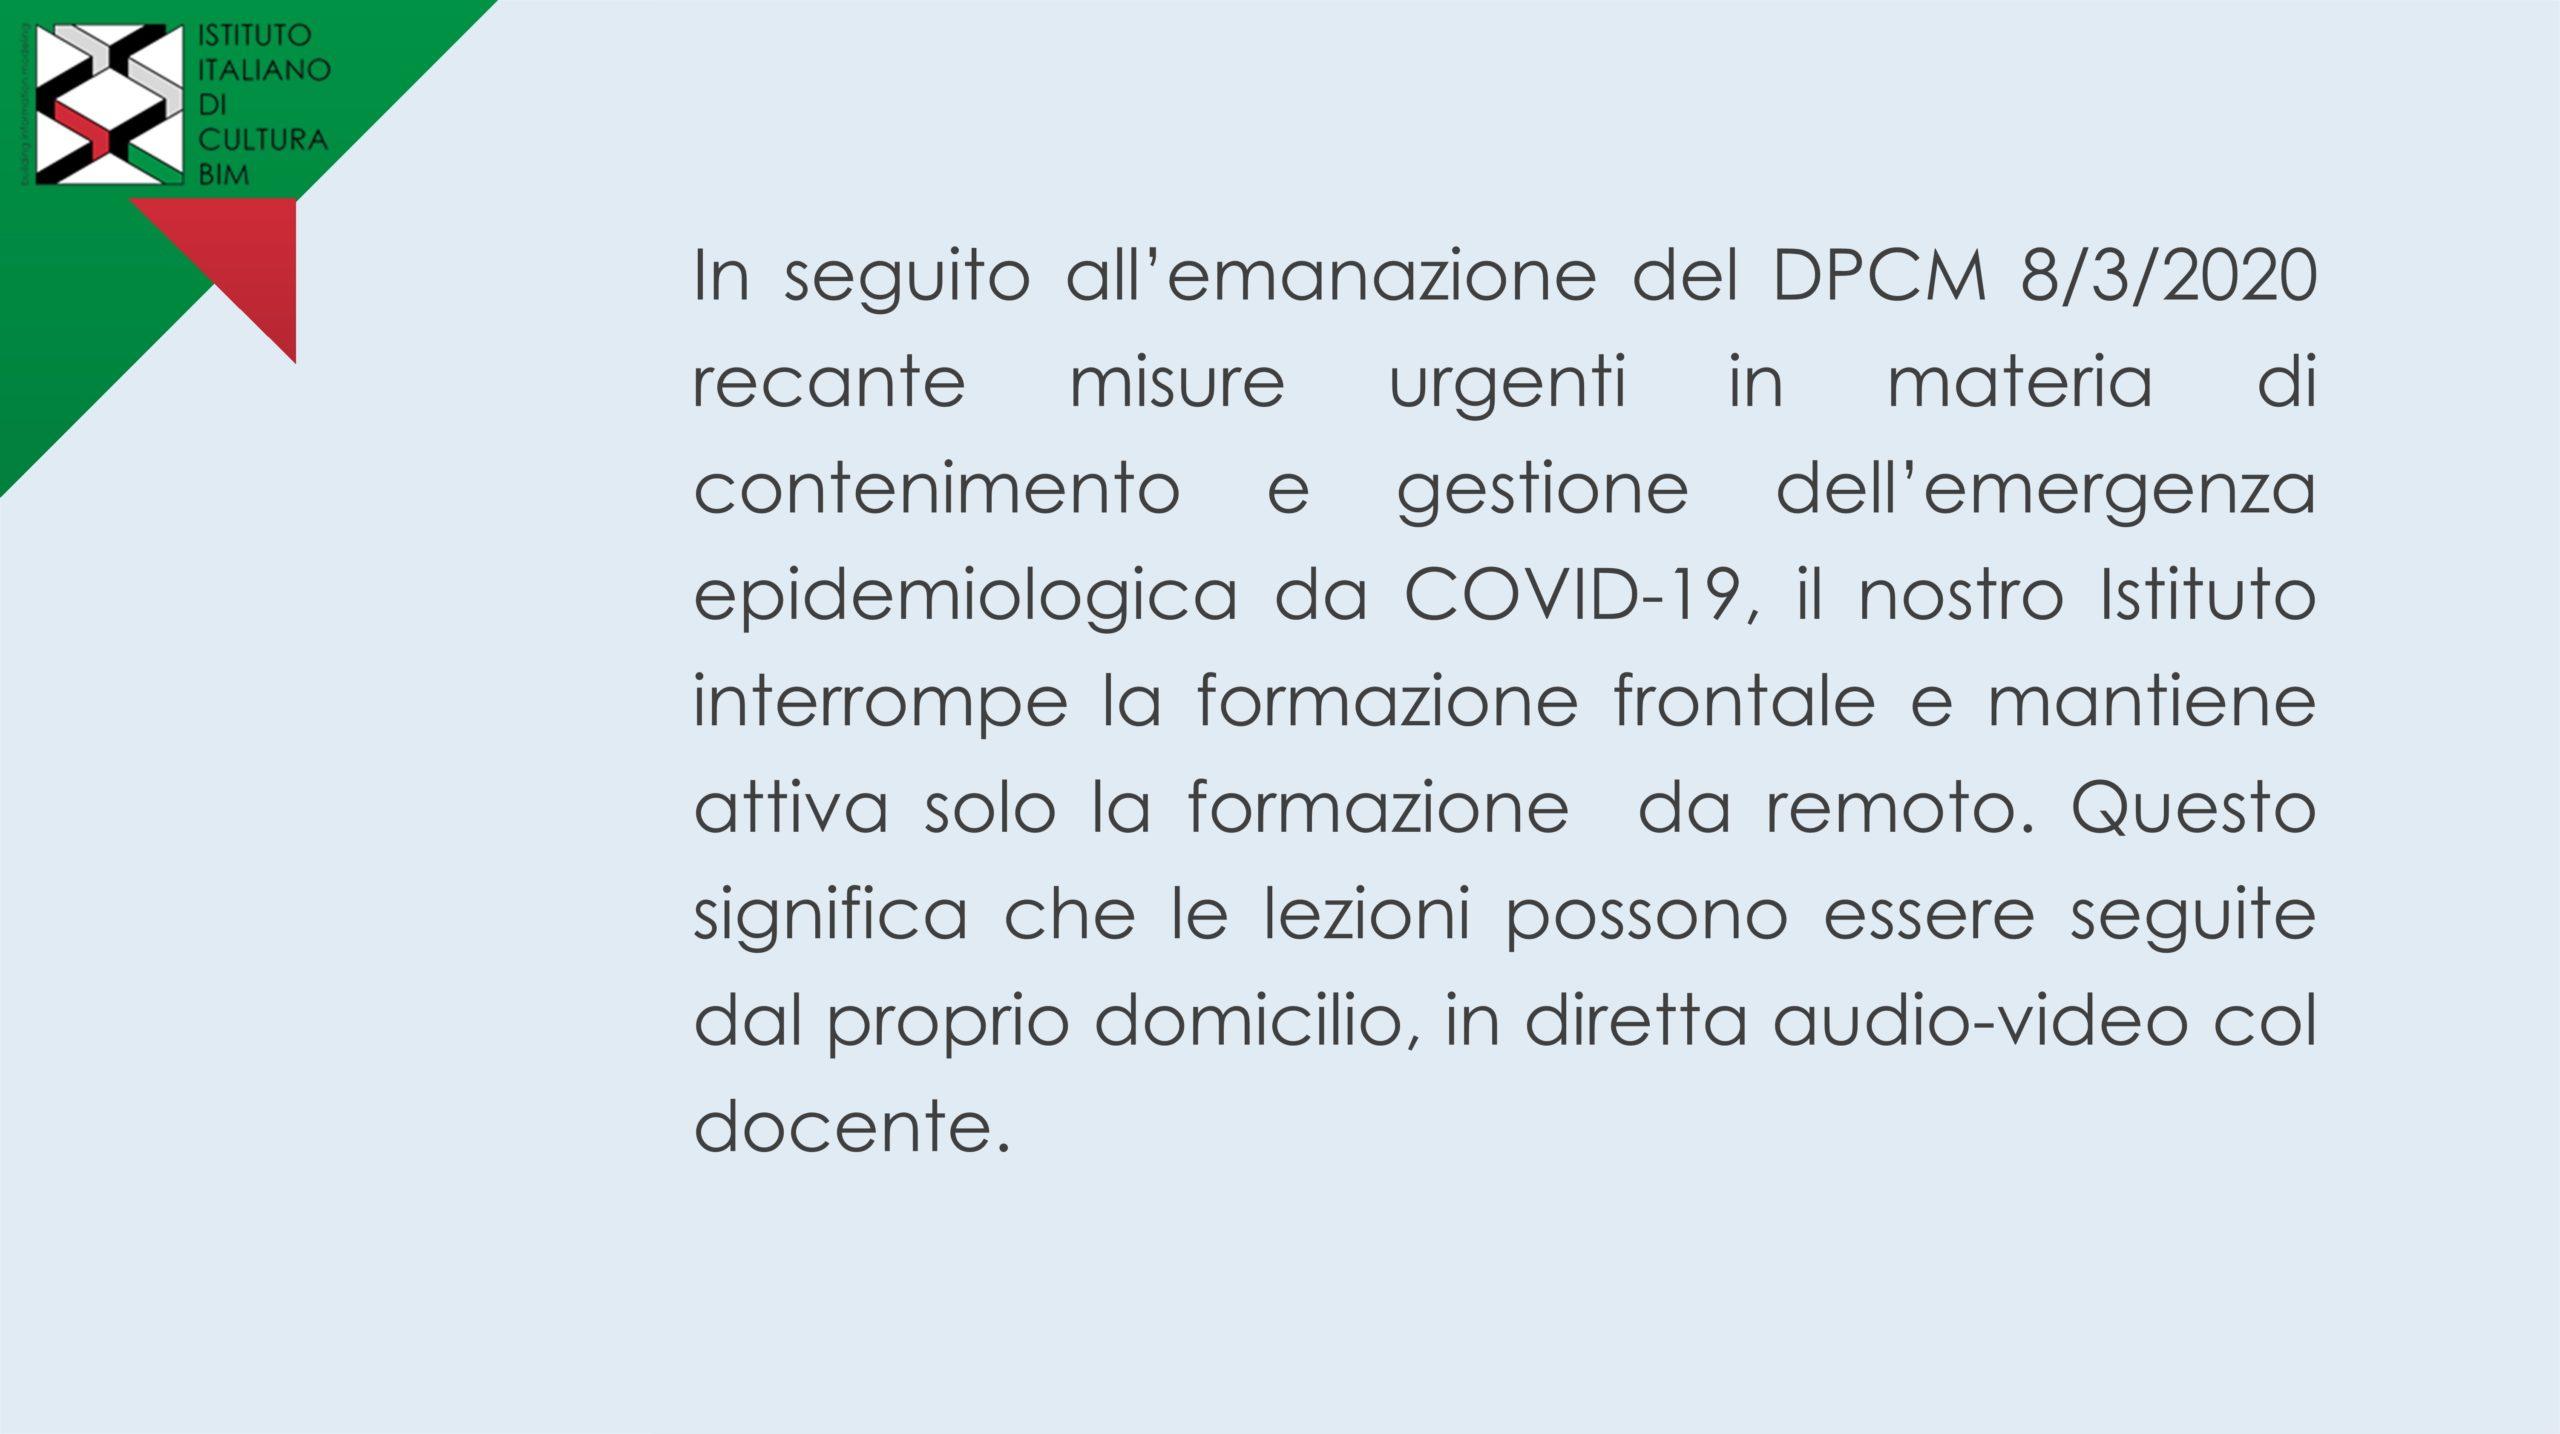 poster sulle disposizioni da DPCM sulle misure da COVID-19